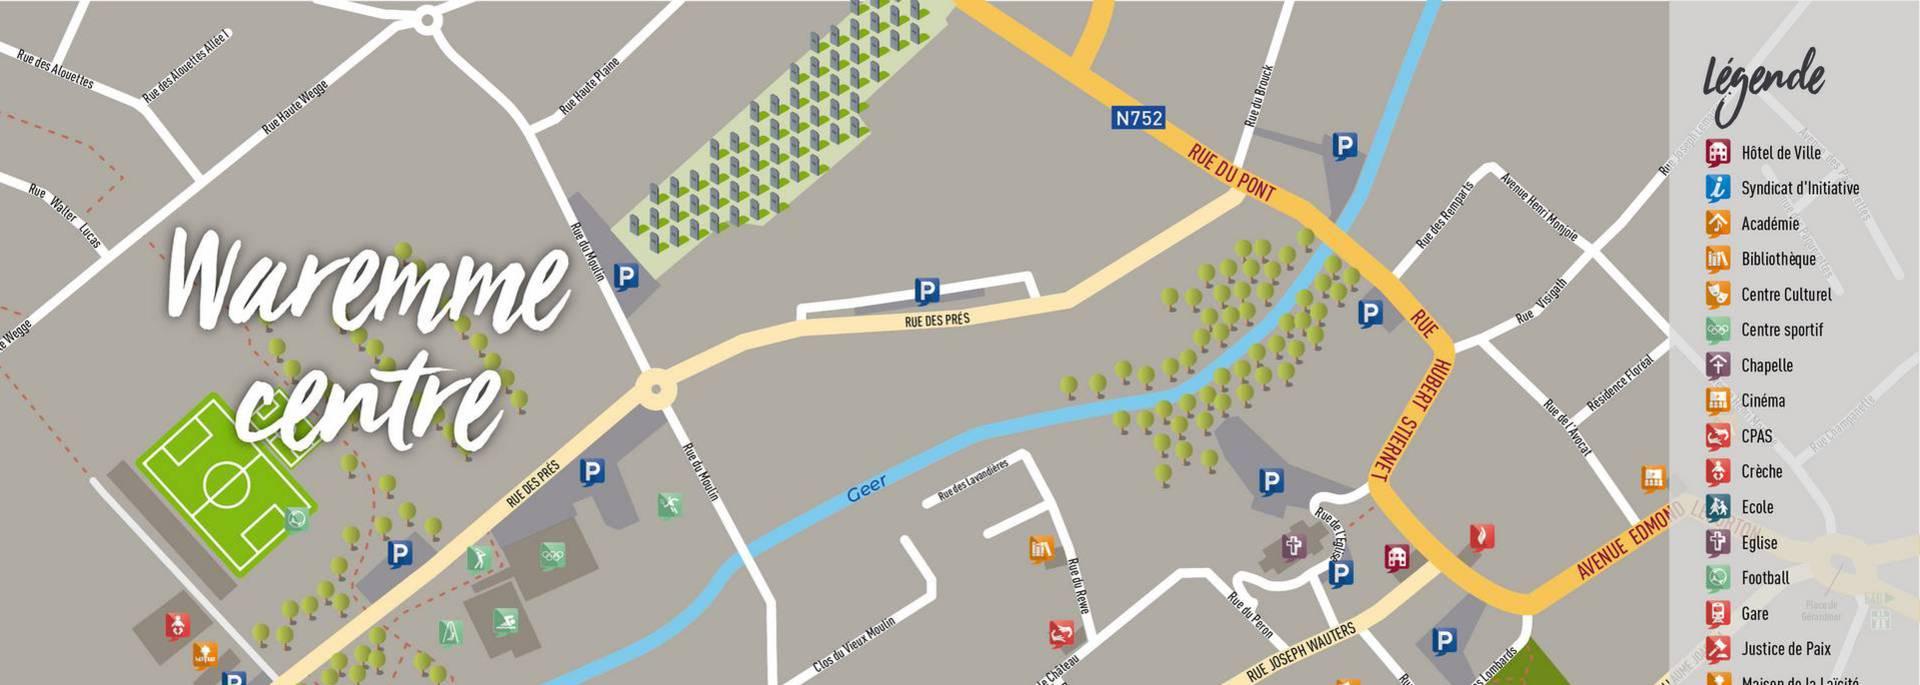 Plan de la ville de Waremme